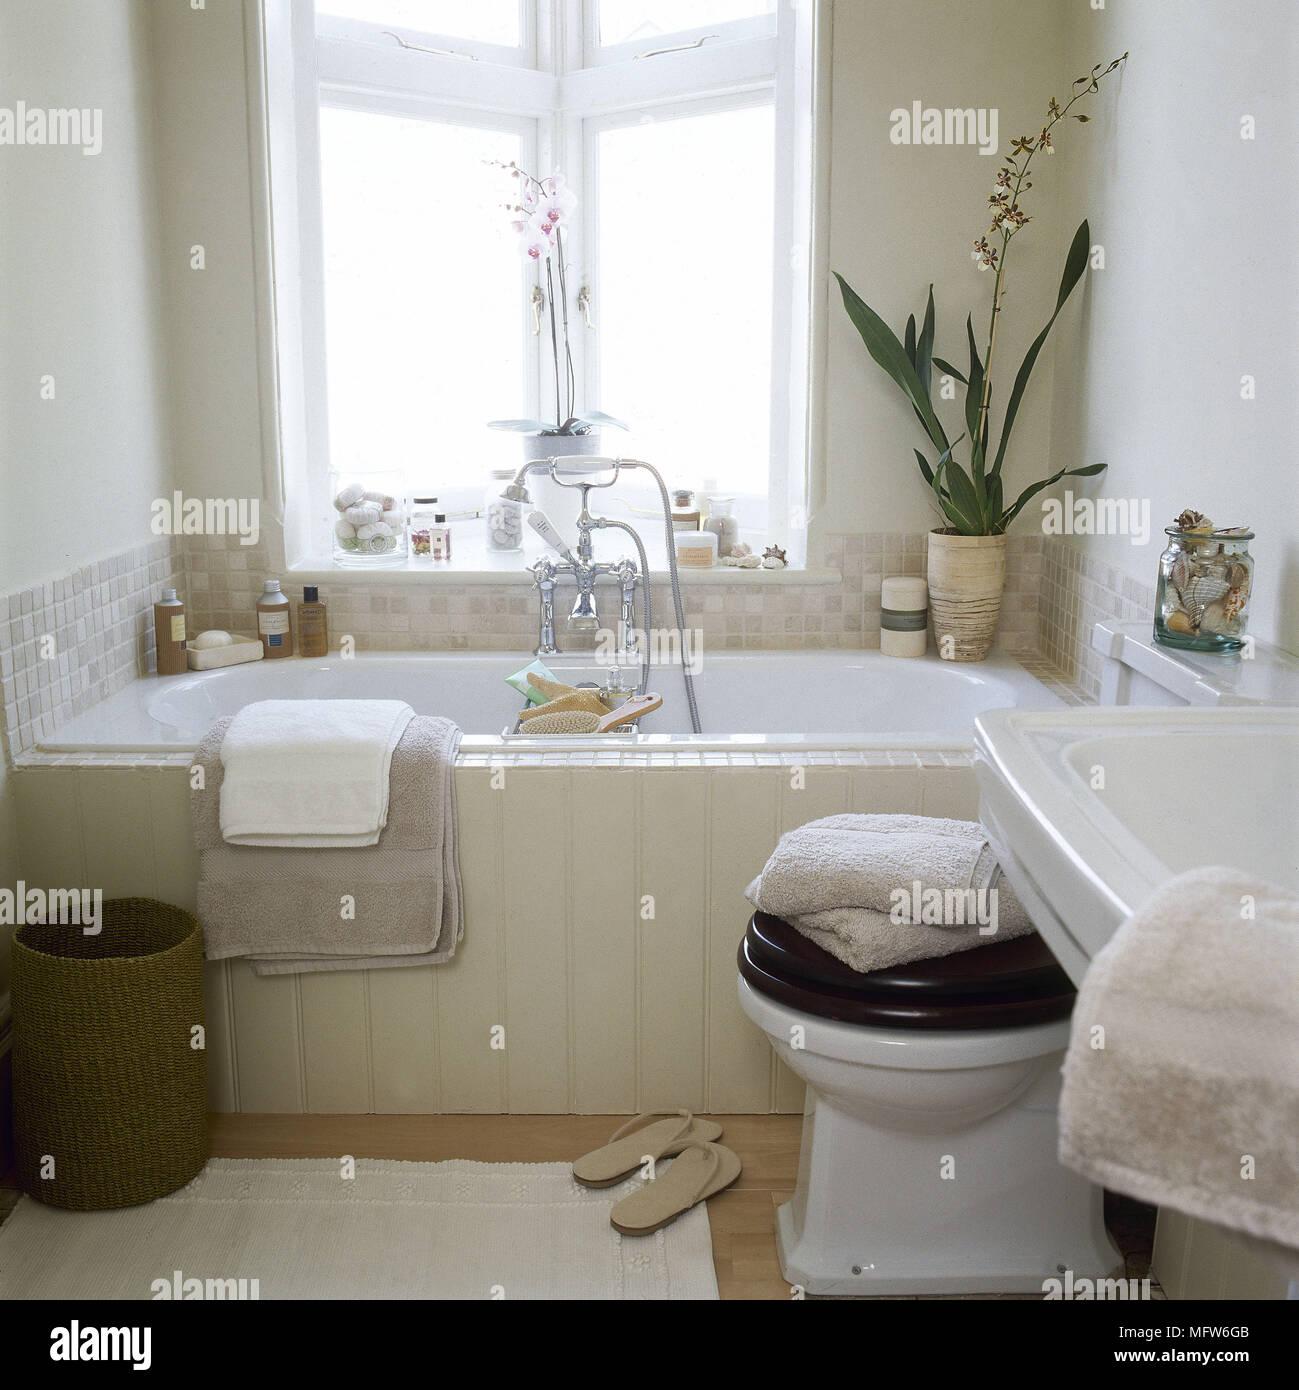 Bagno con vasca e doccia in legno e surround wc in stile - Vasca bagno legno ...